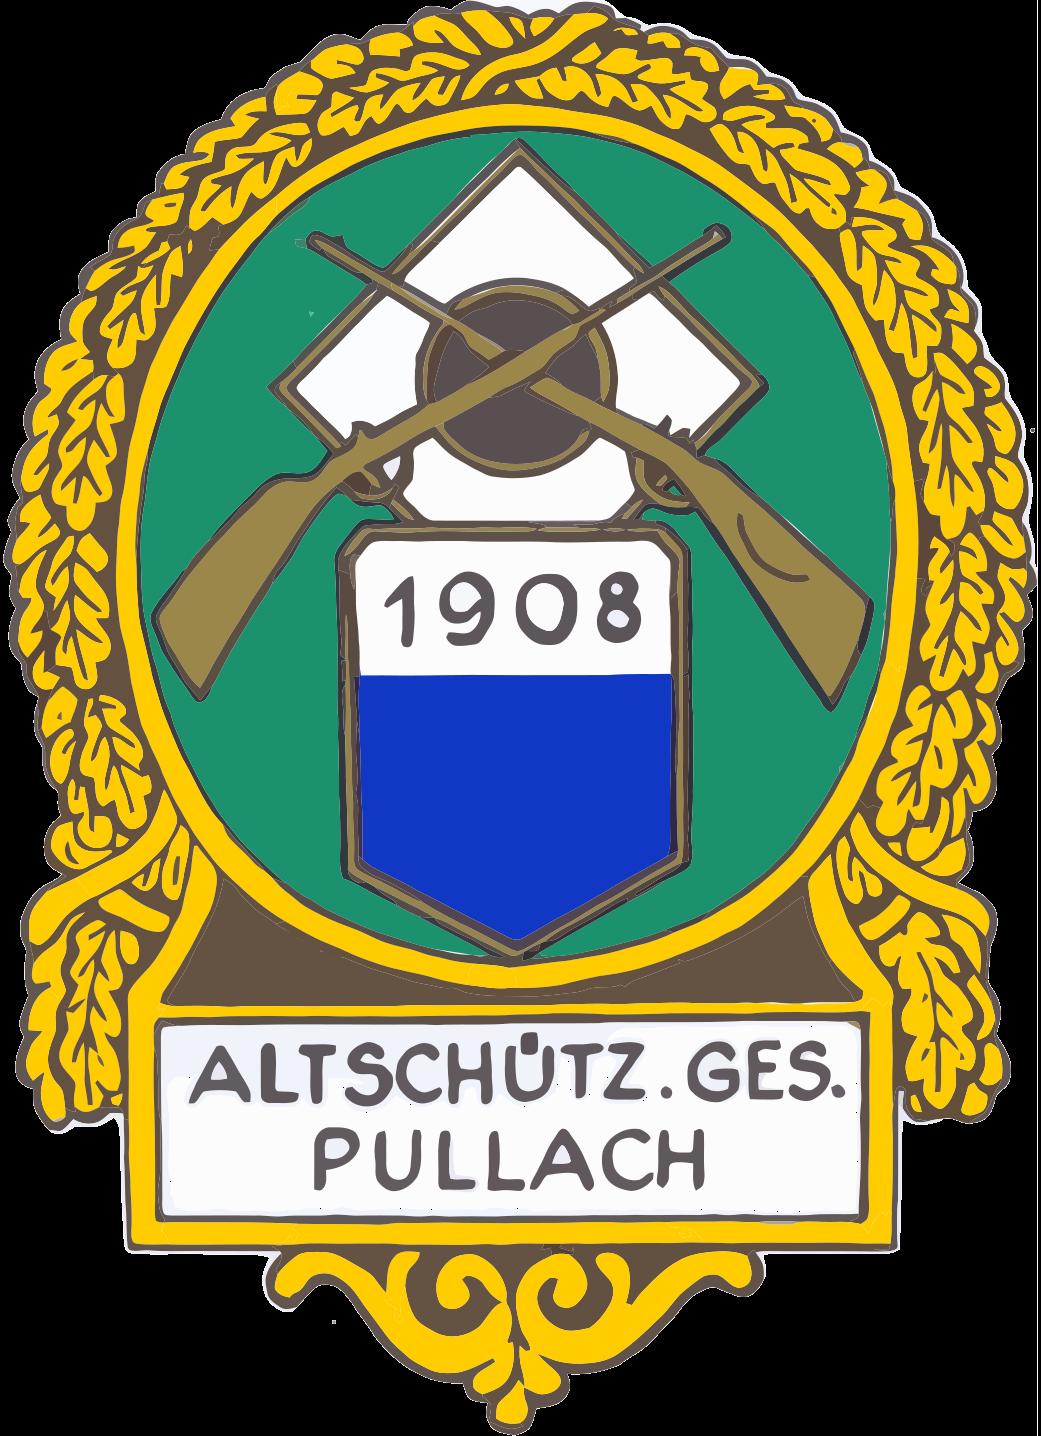 Altschützengesellschaft Pullach e.V.